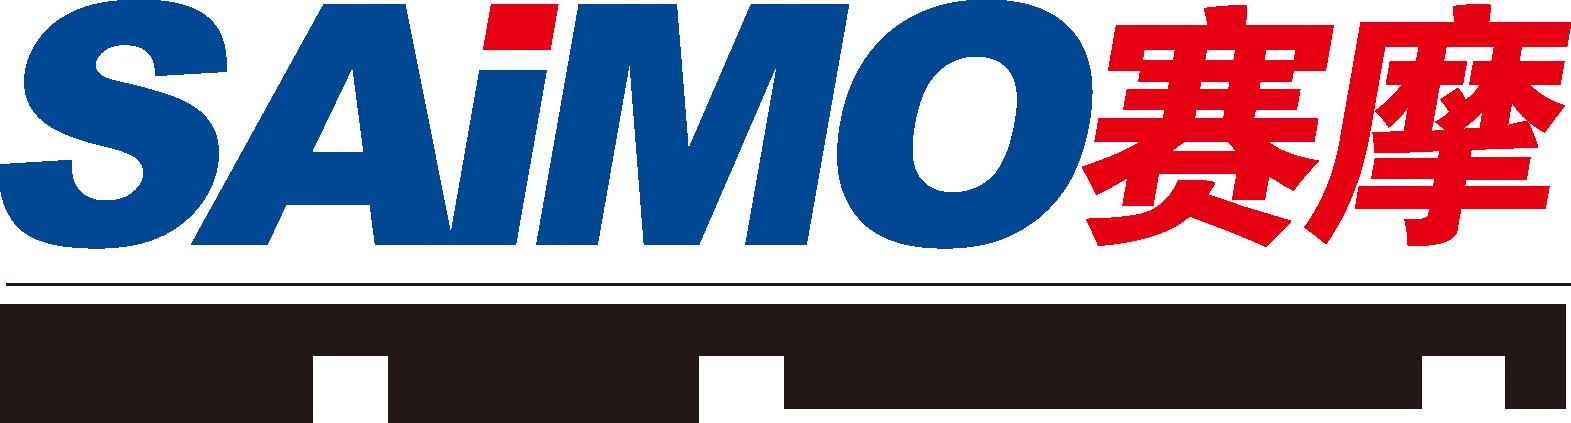 賽摩logo